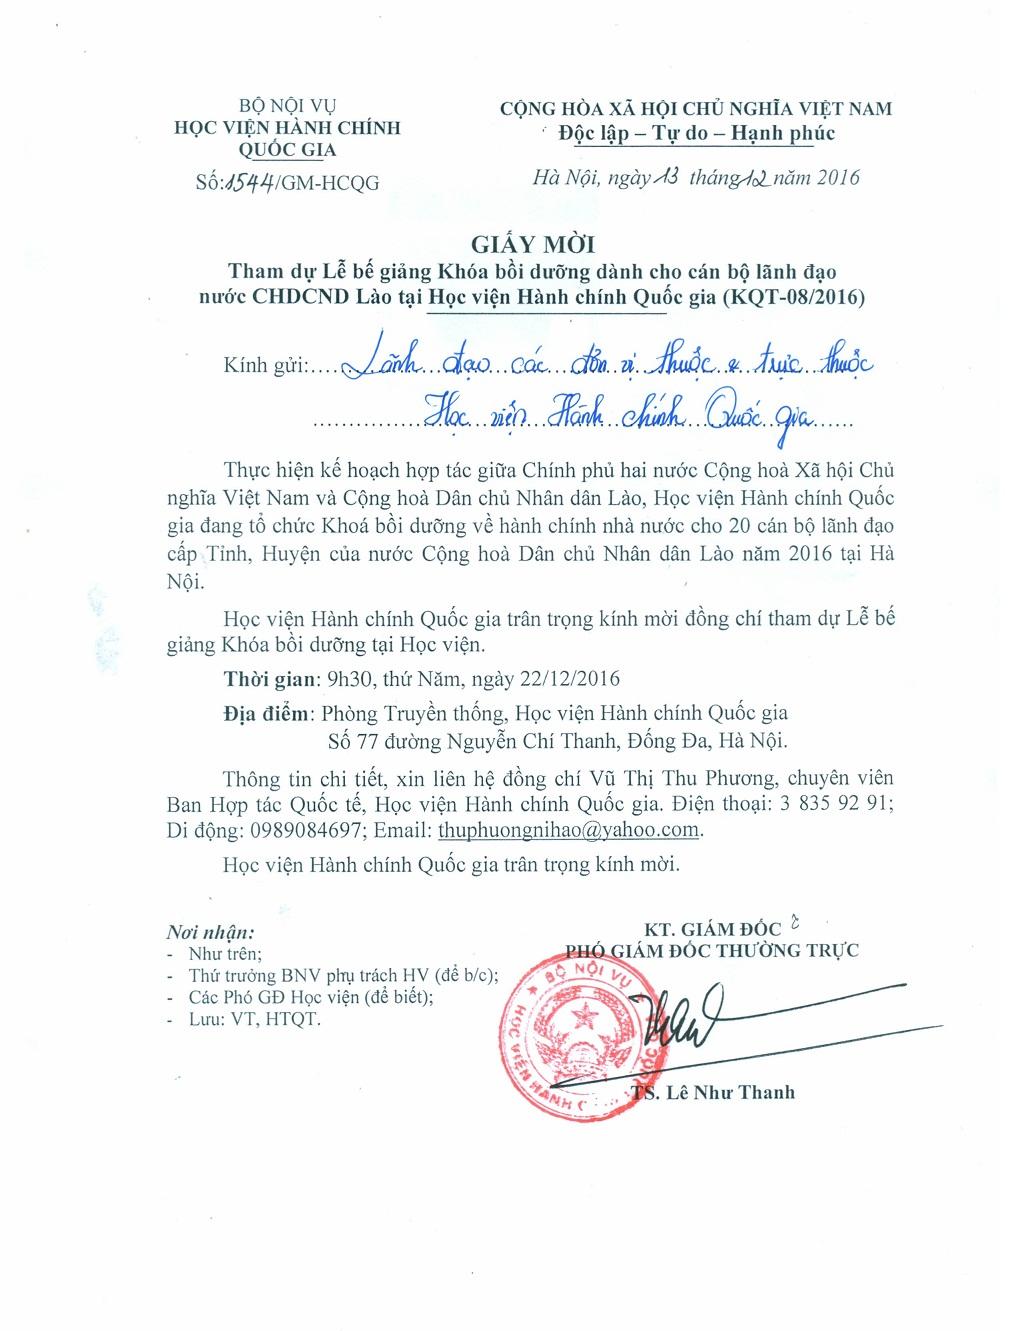 Giấy mời tham dự Lễ bế giảng Khóa bồi dưỡng cho cán bộ lãnh đạo CHDCND Lào 22/12/2016